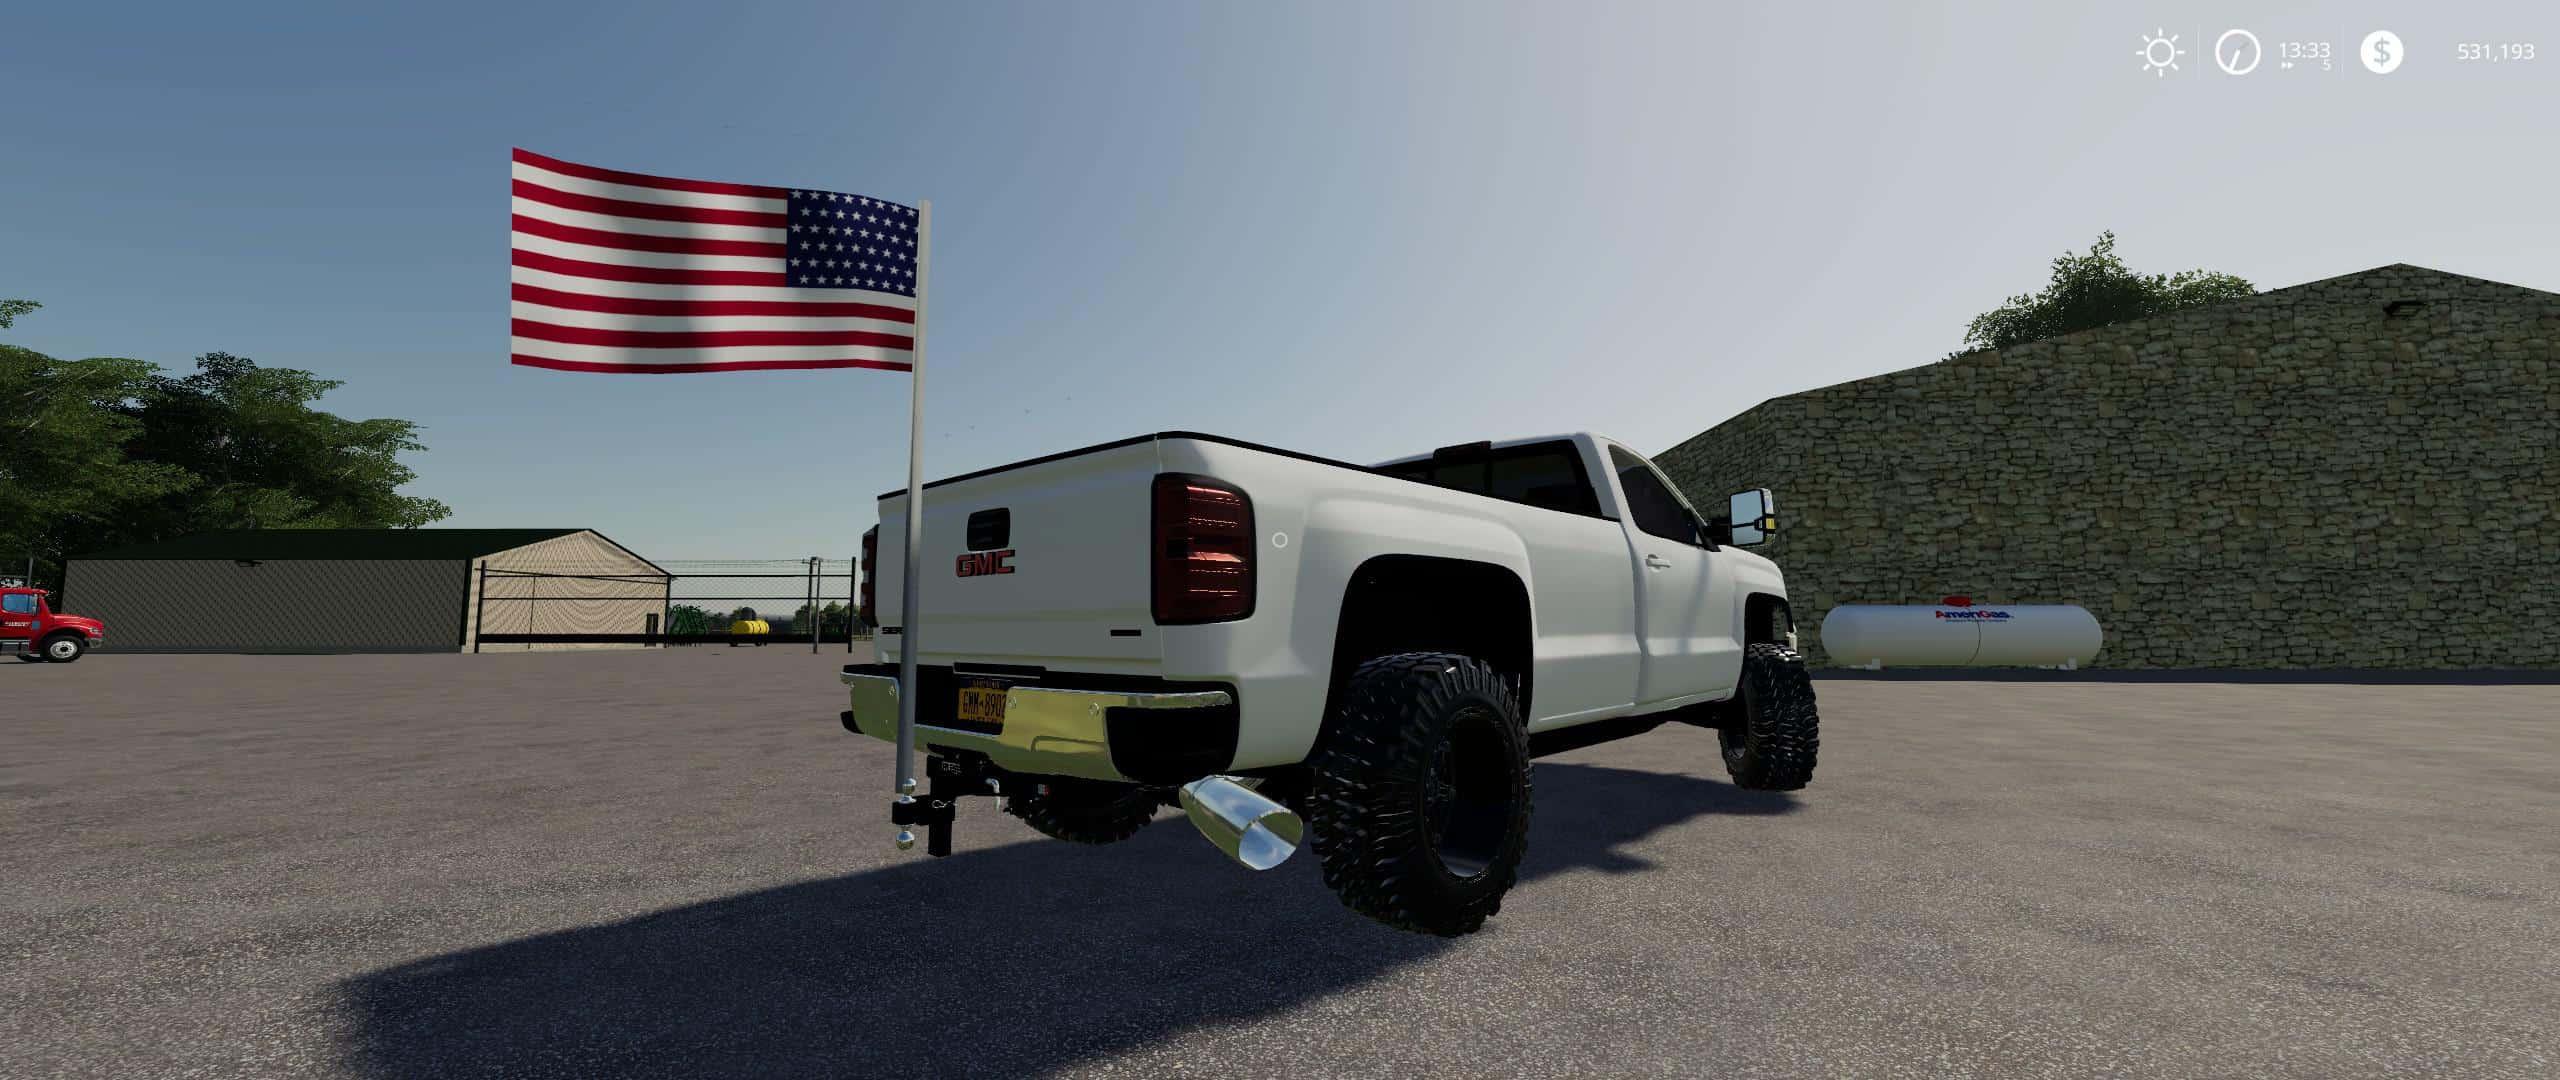 Hitch Mount American Flag v1 0 Mod - Farming Simulator 19